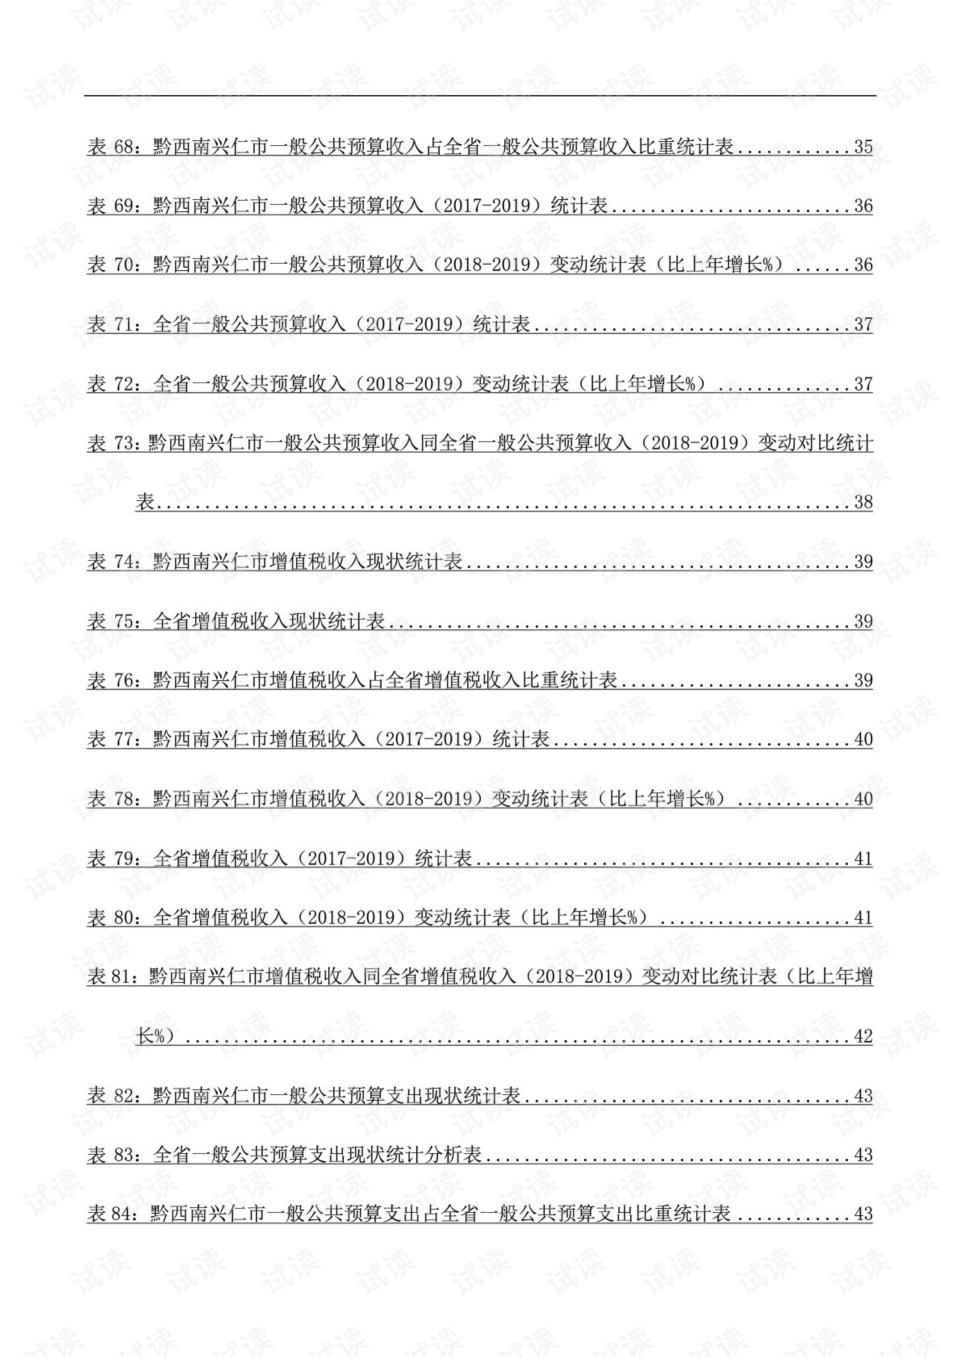 兴仁市2021年gdp_贵州省黔西南兴仁市国民经济具体情况3年数据分析报告2021版.pdf